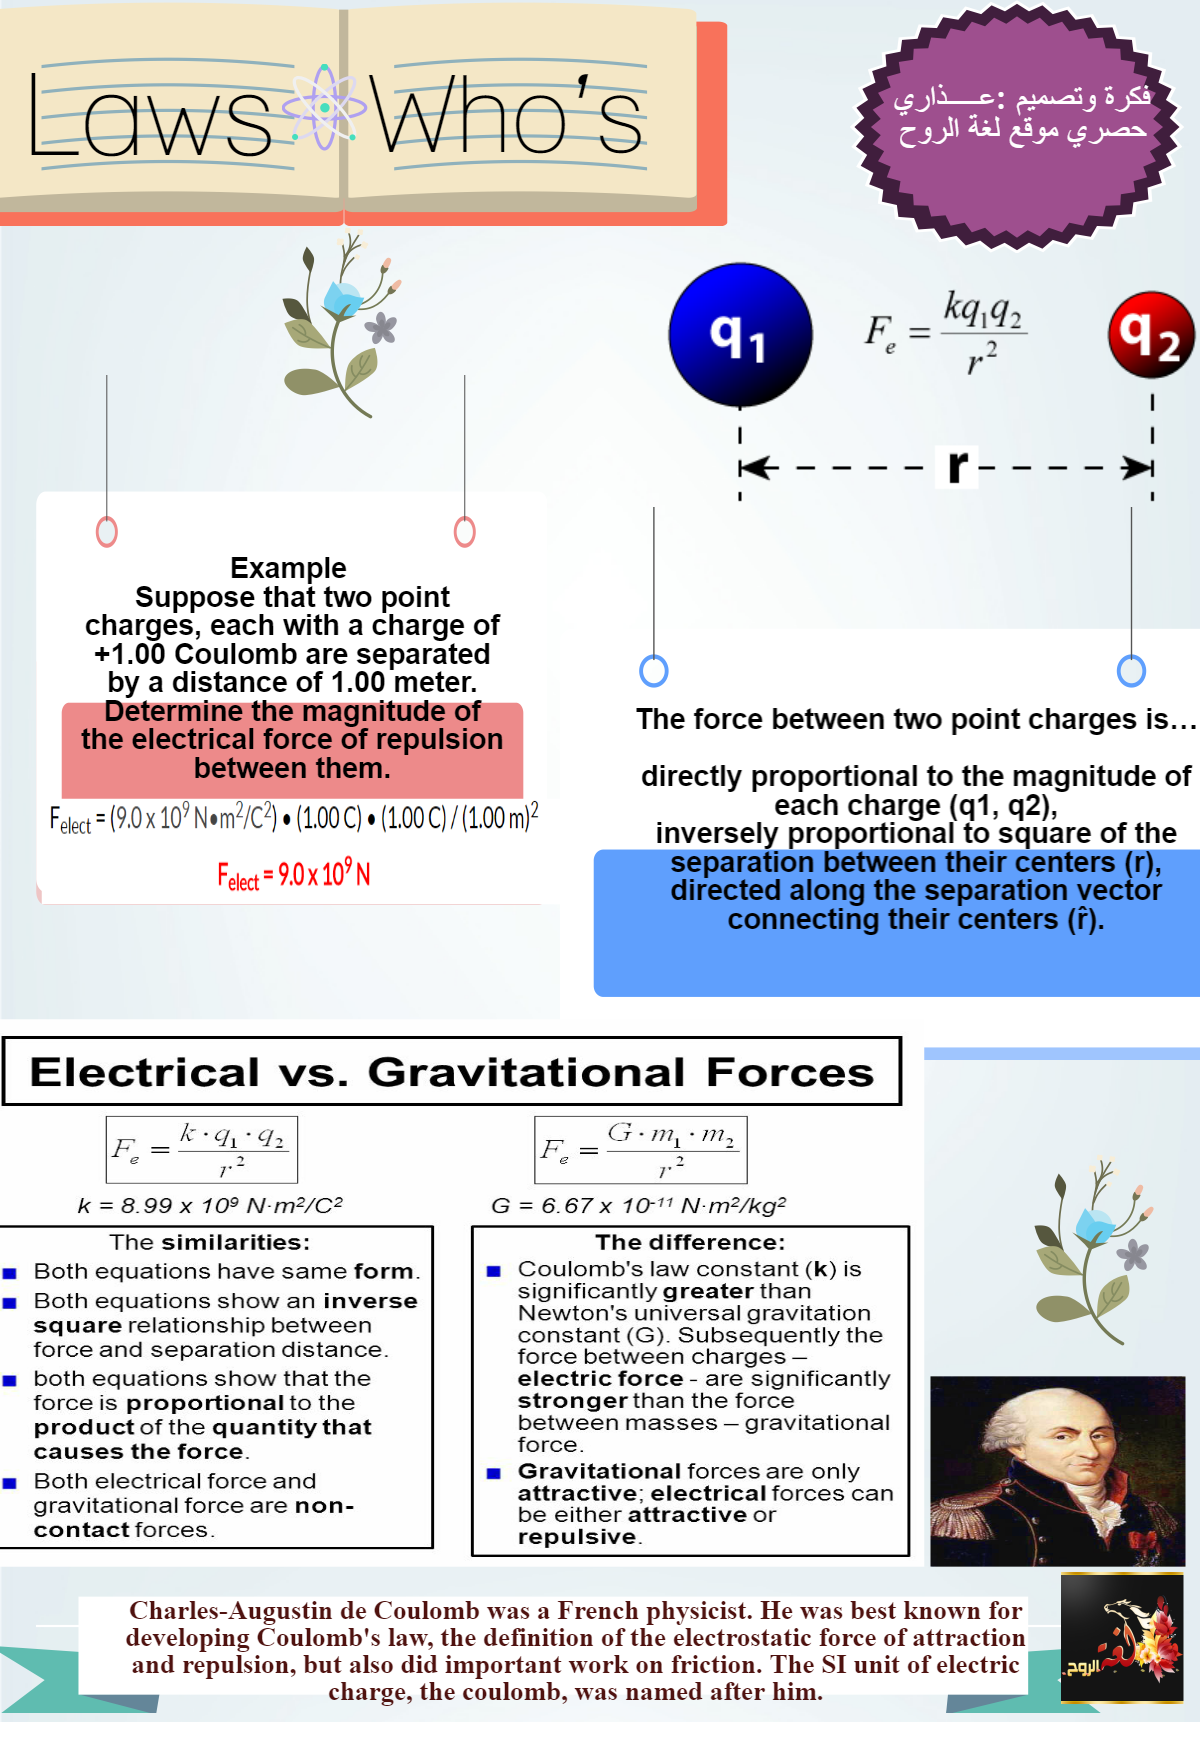 بوستر القوة الكهربية وقوة الجاذبية